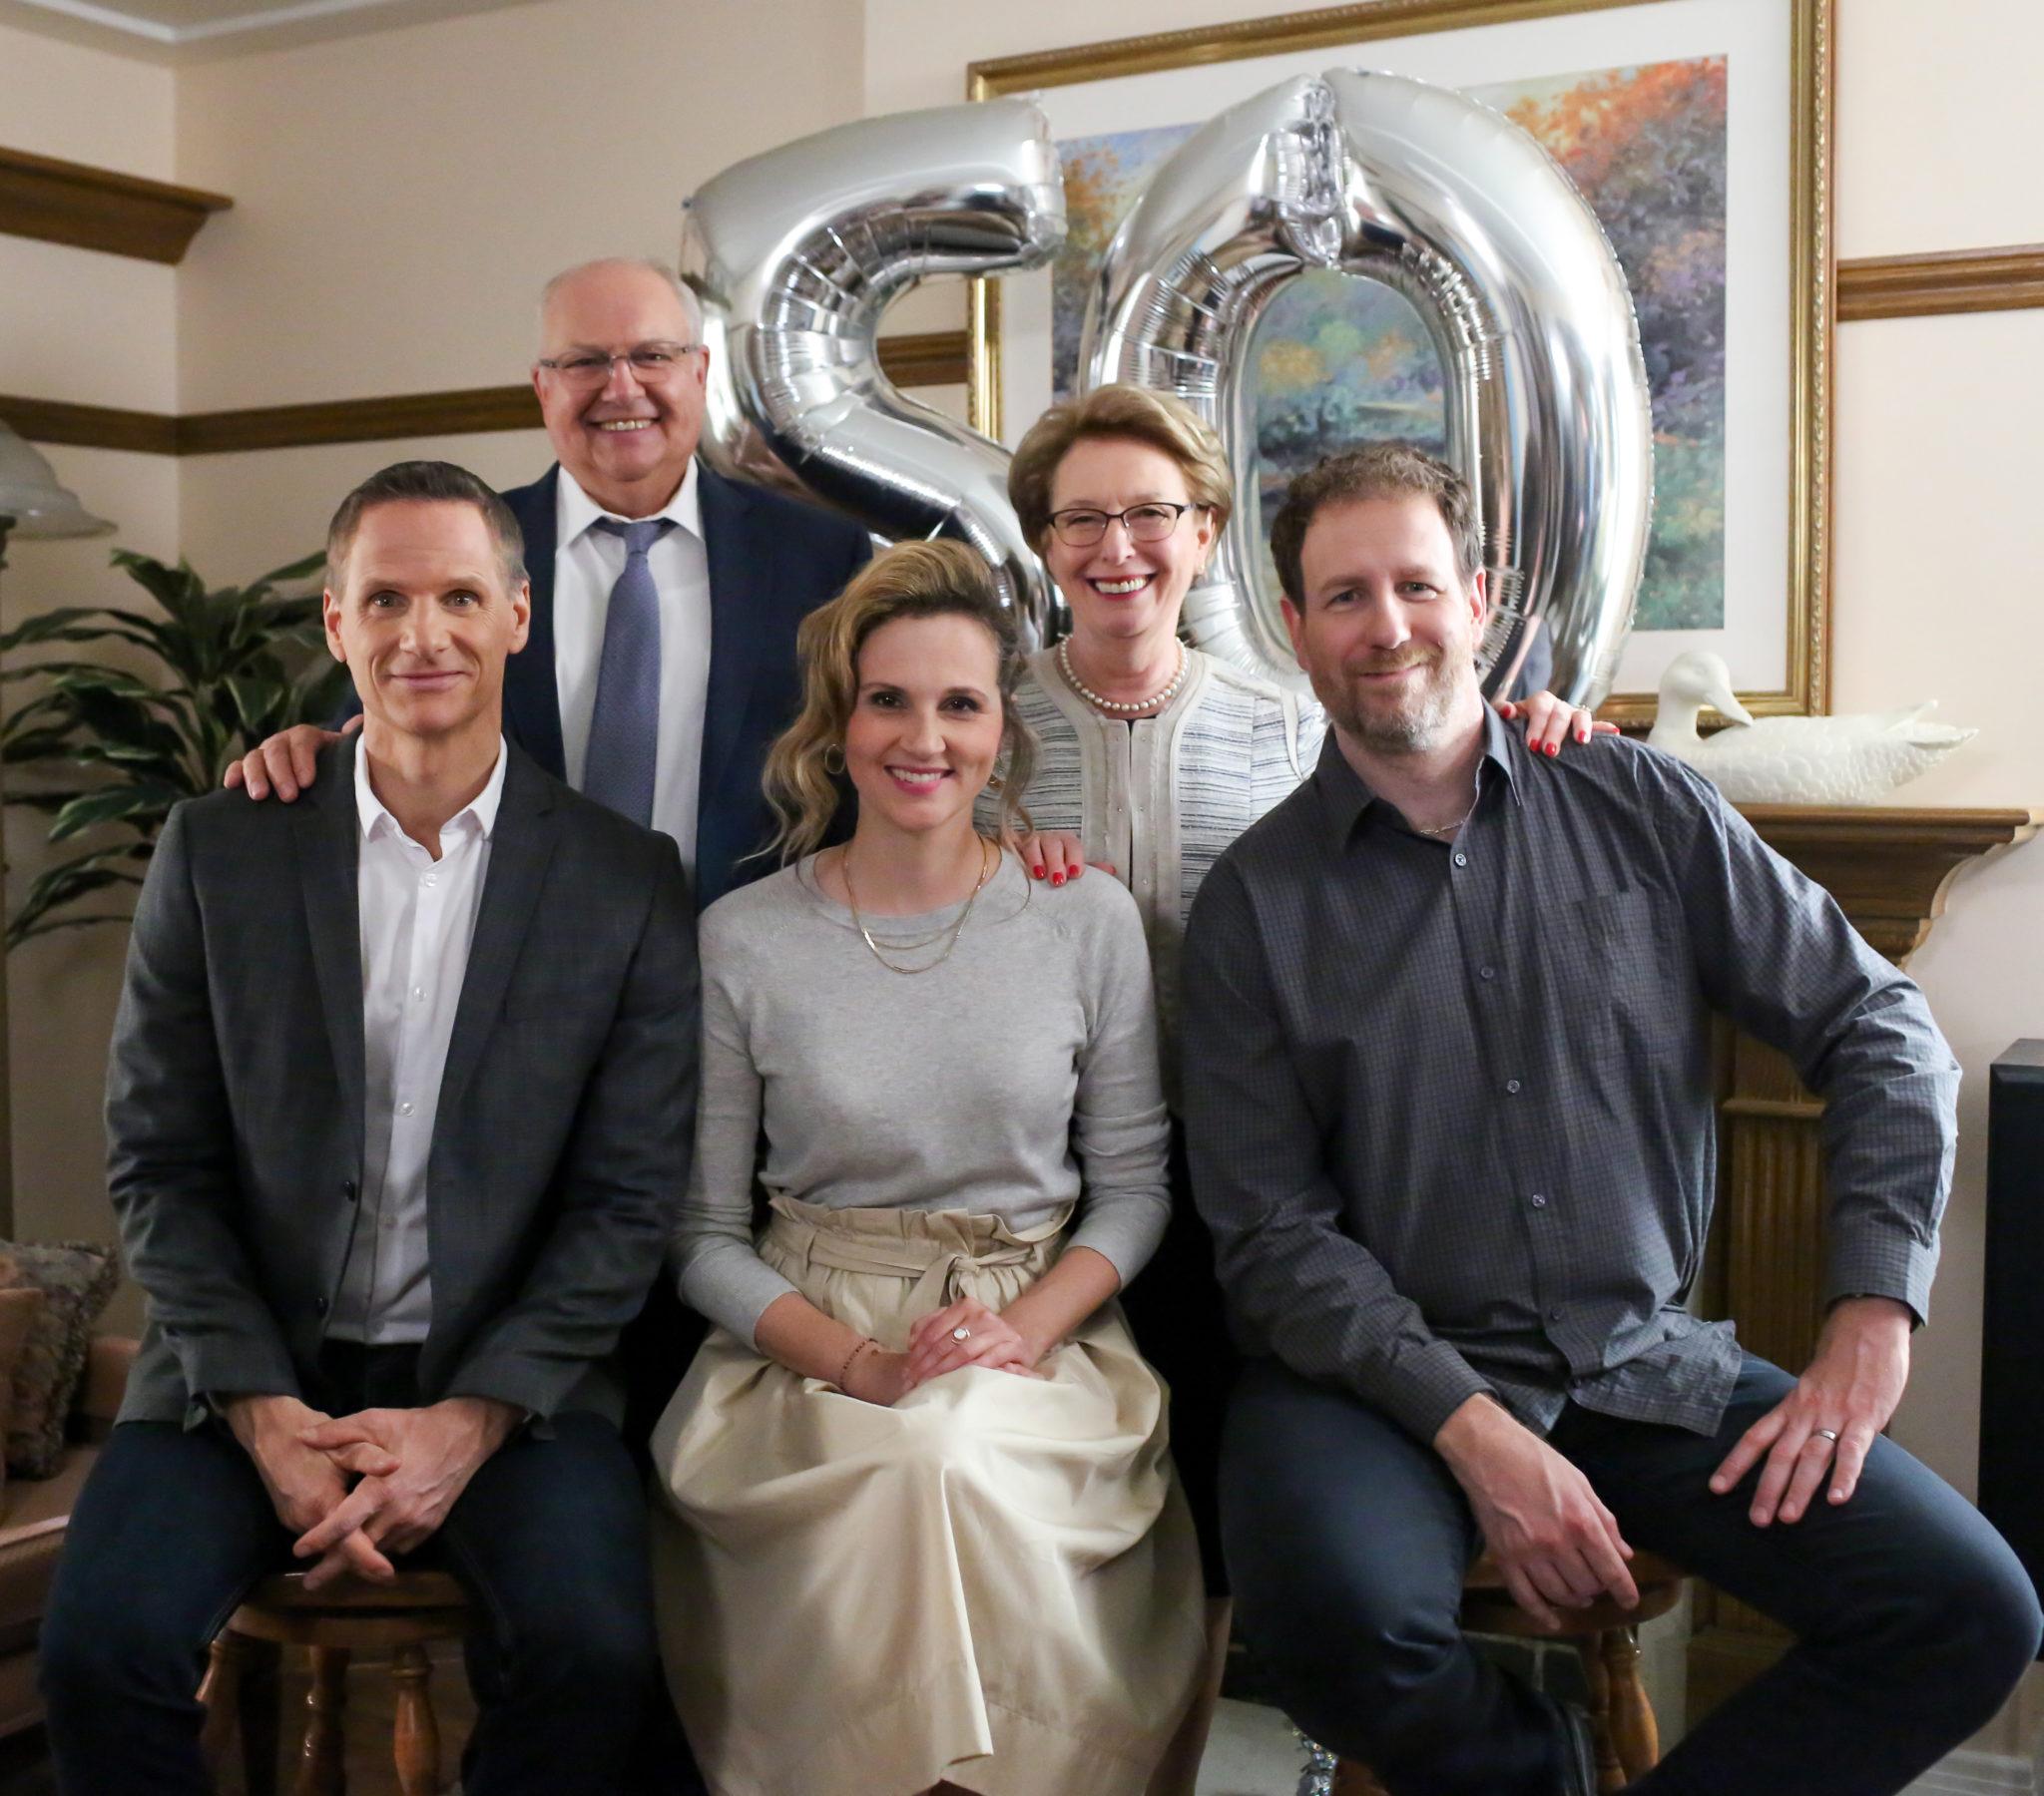 Sur ICI-TÉLÉ, « Discussions avec mes parents»  de retour pour une 2e saison !